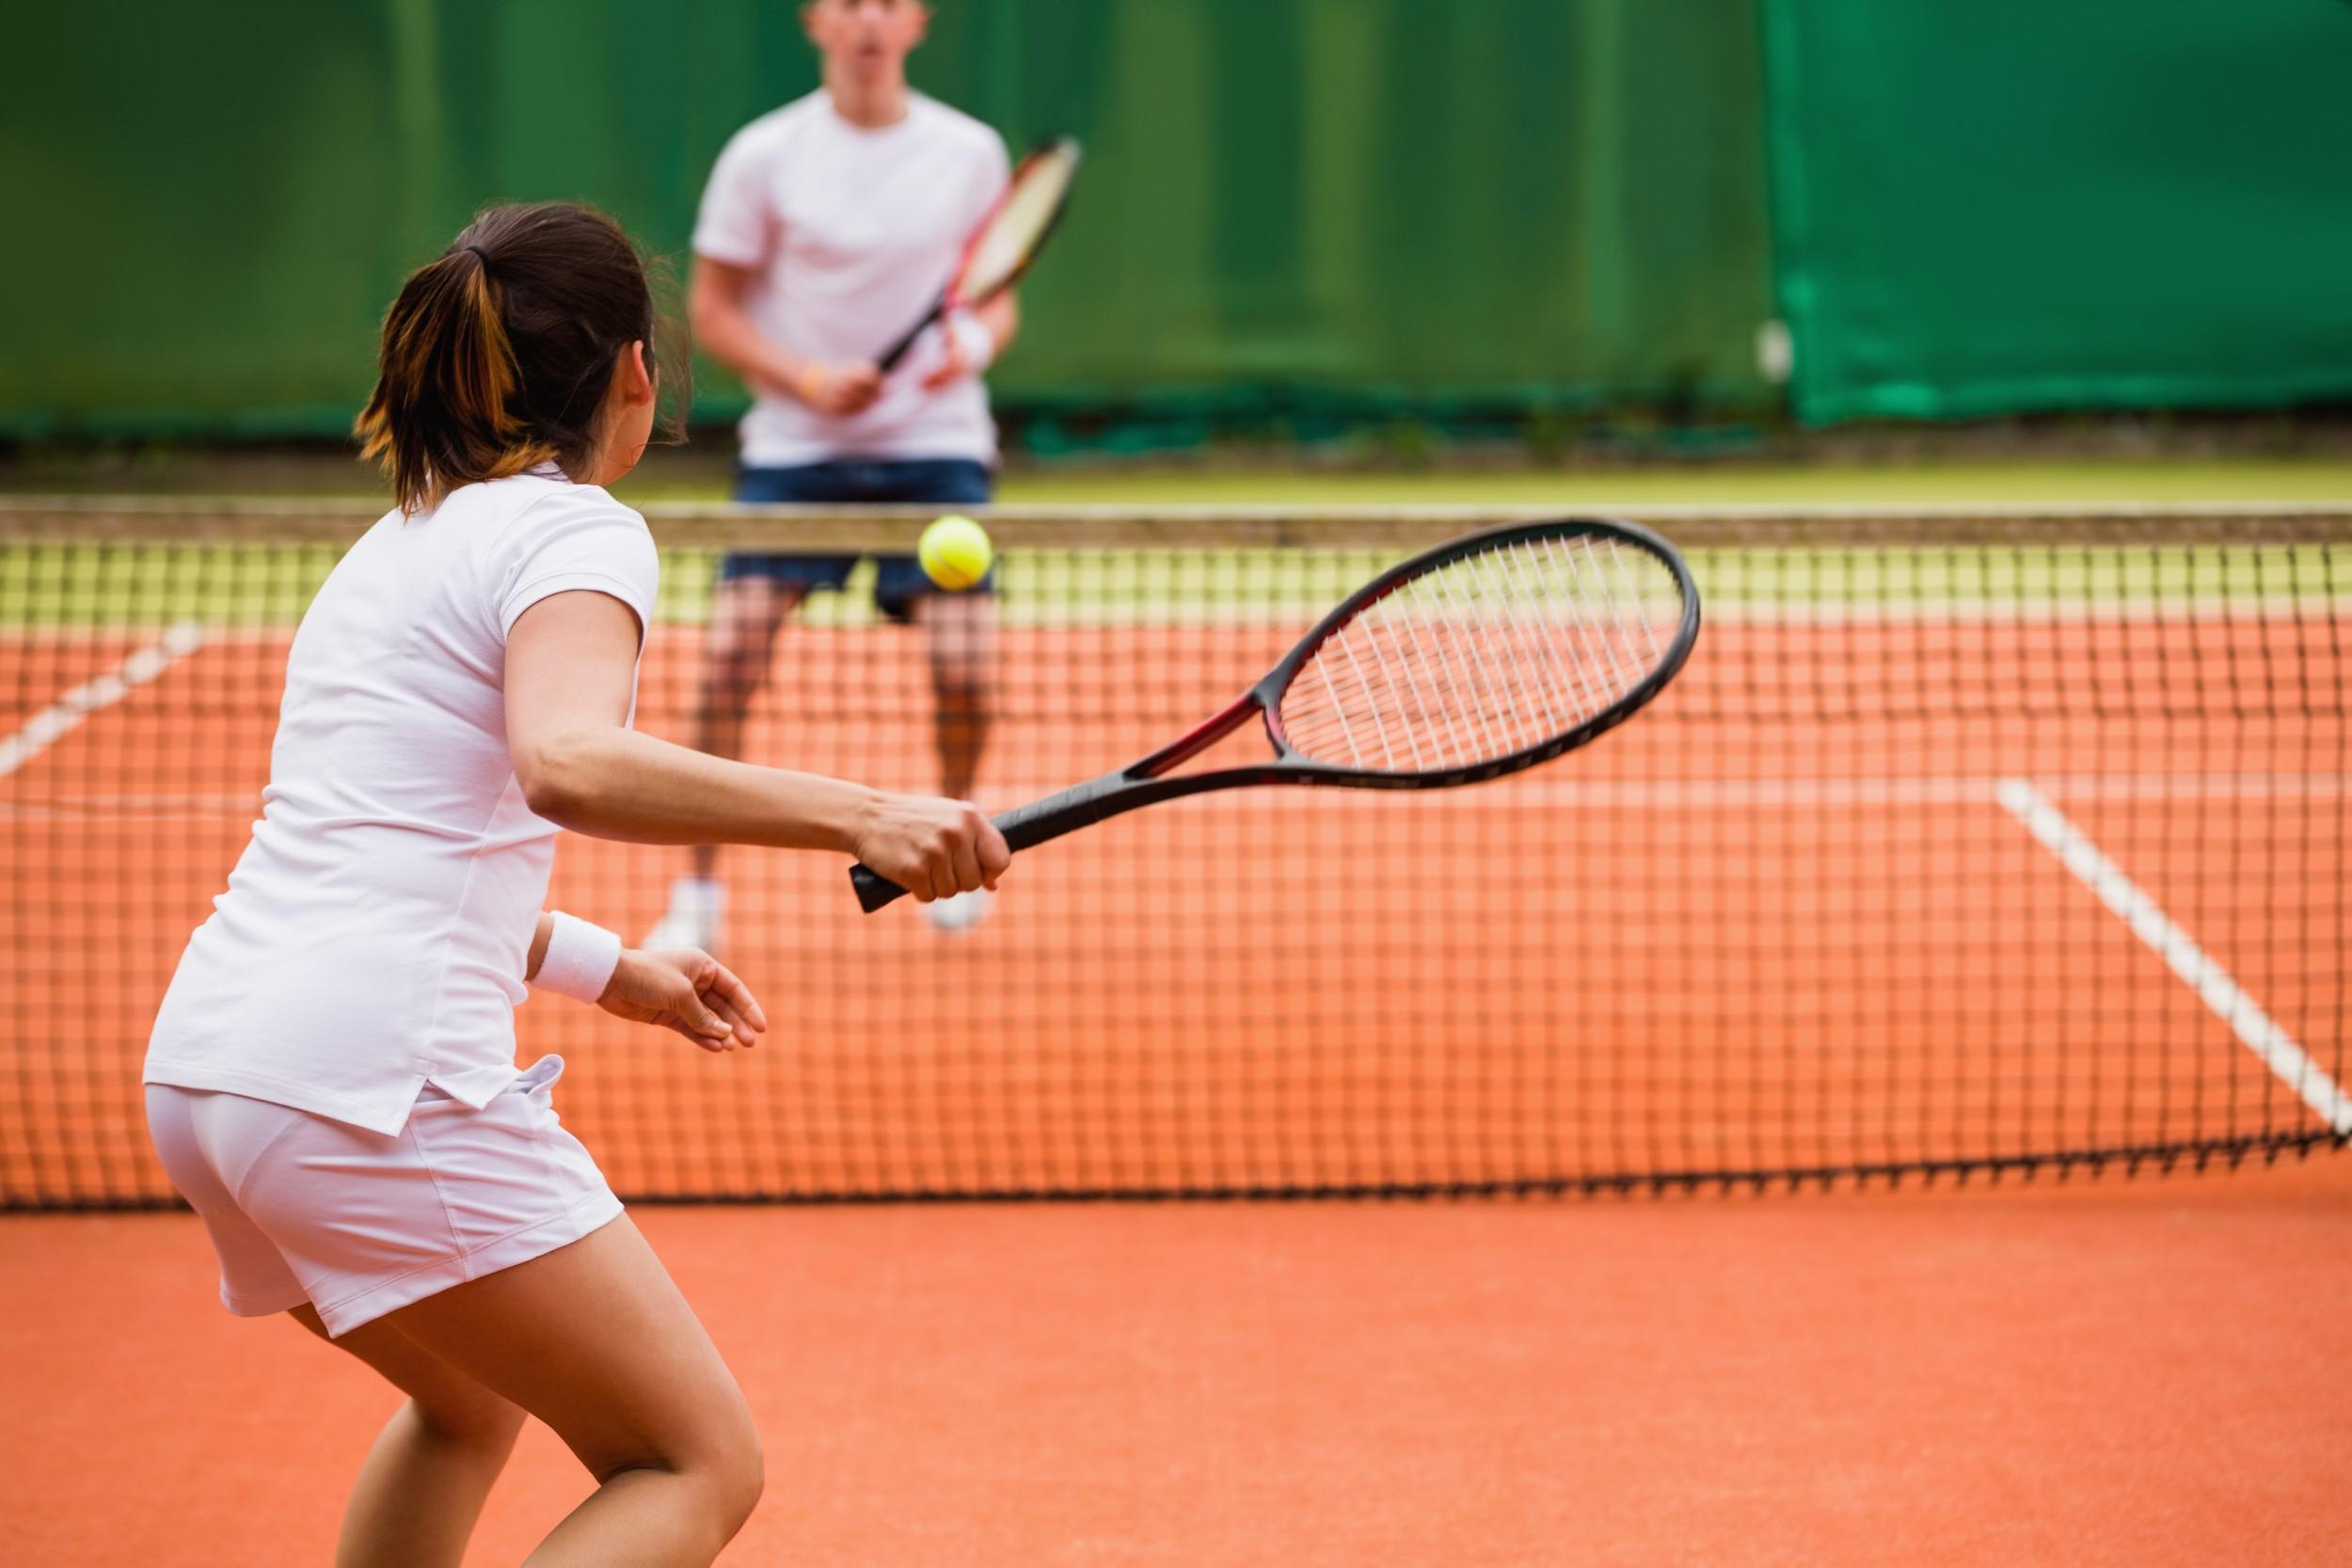 a7c6002b084 Esporte  Tênis. Foto  ESB Professional   Shutterstock.com